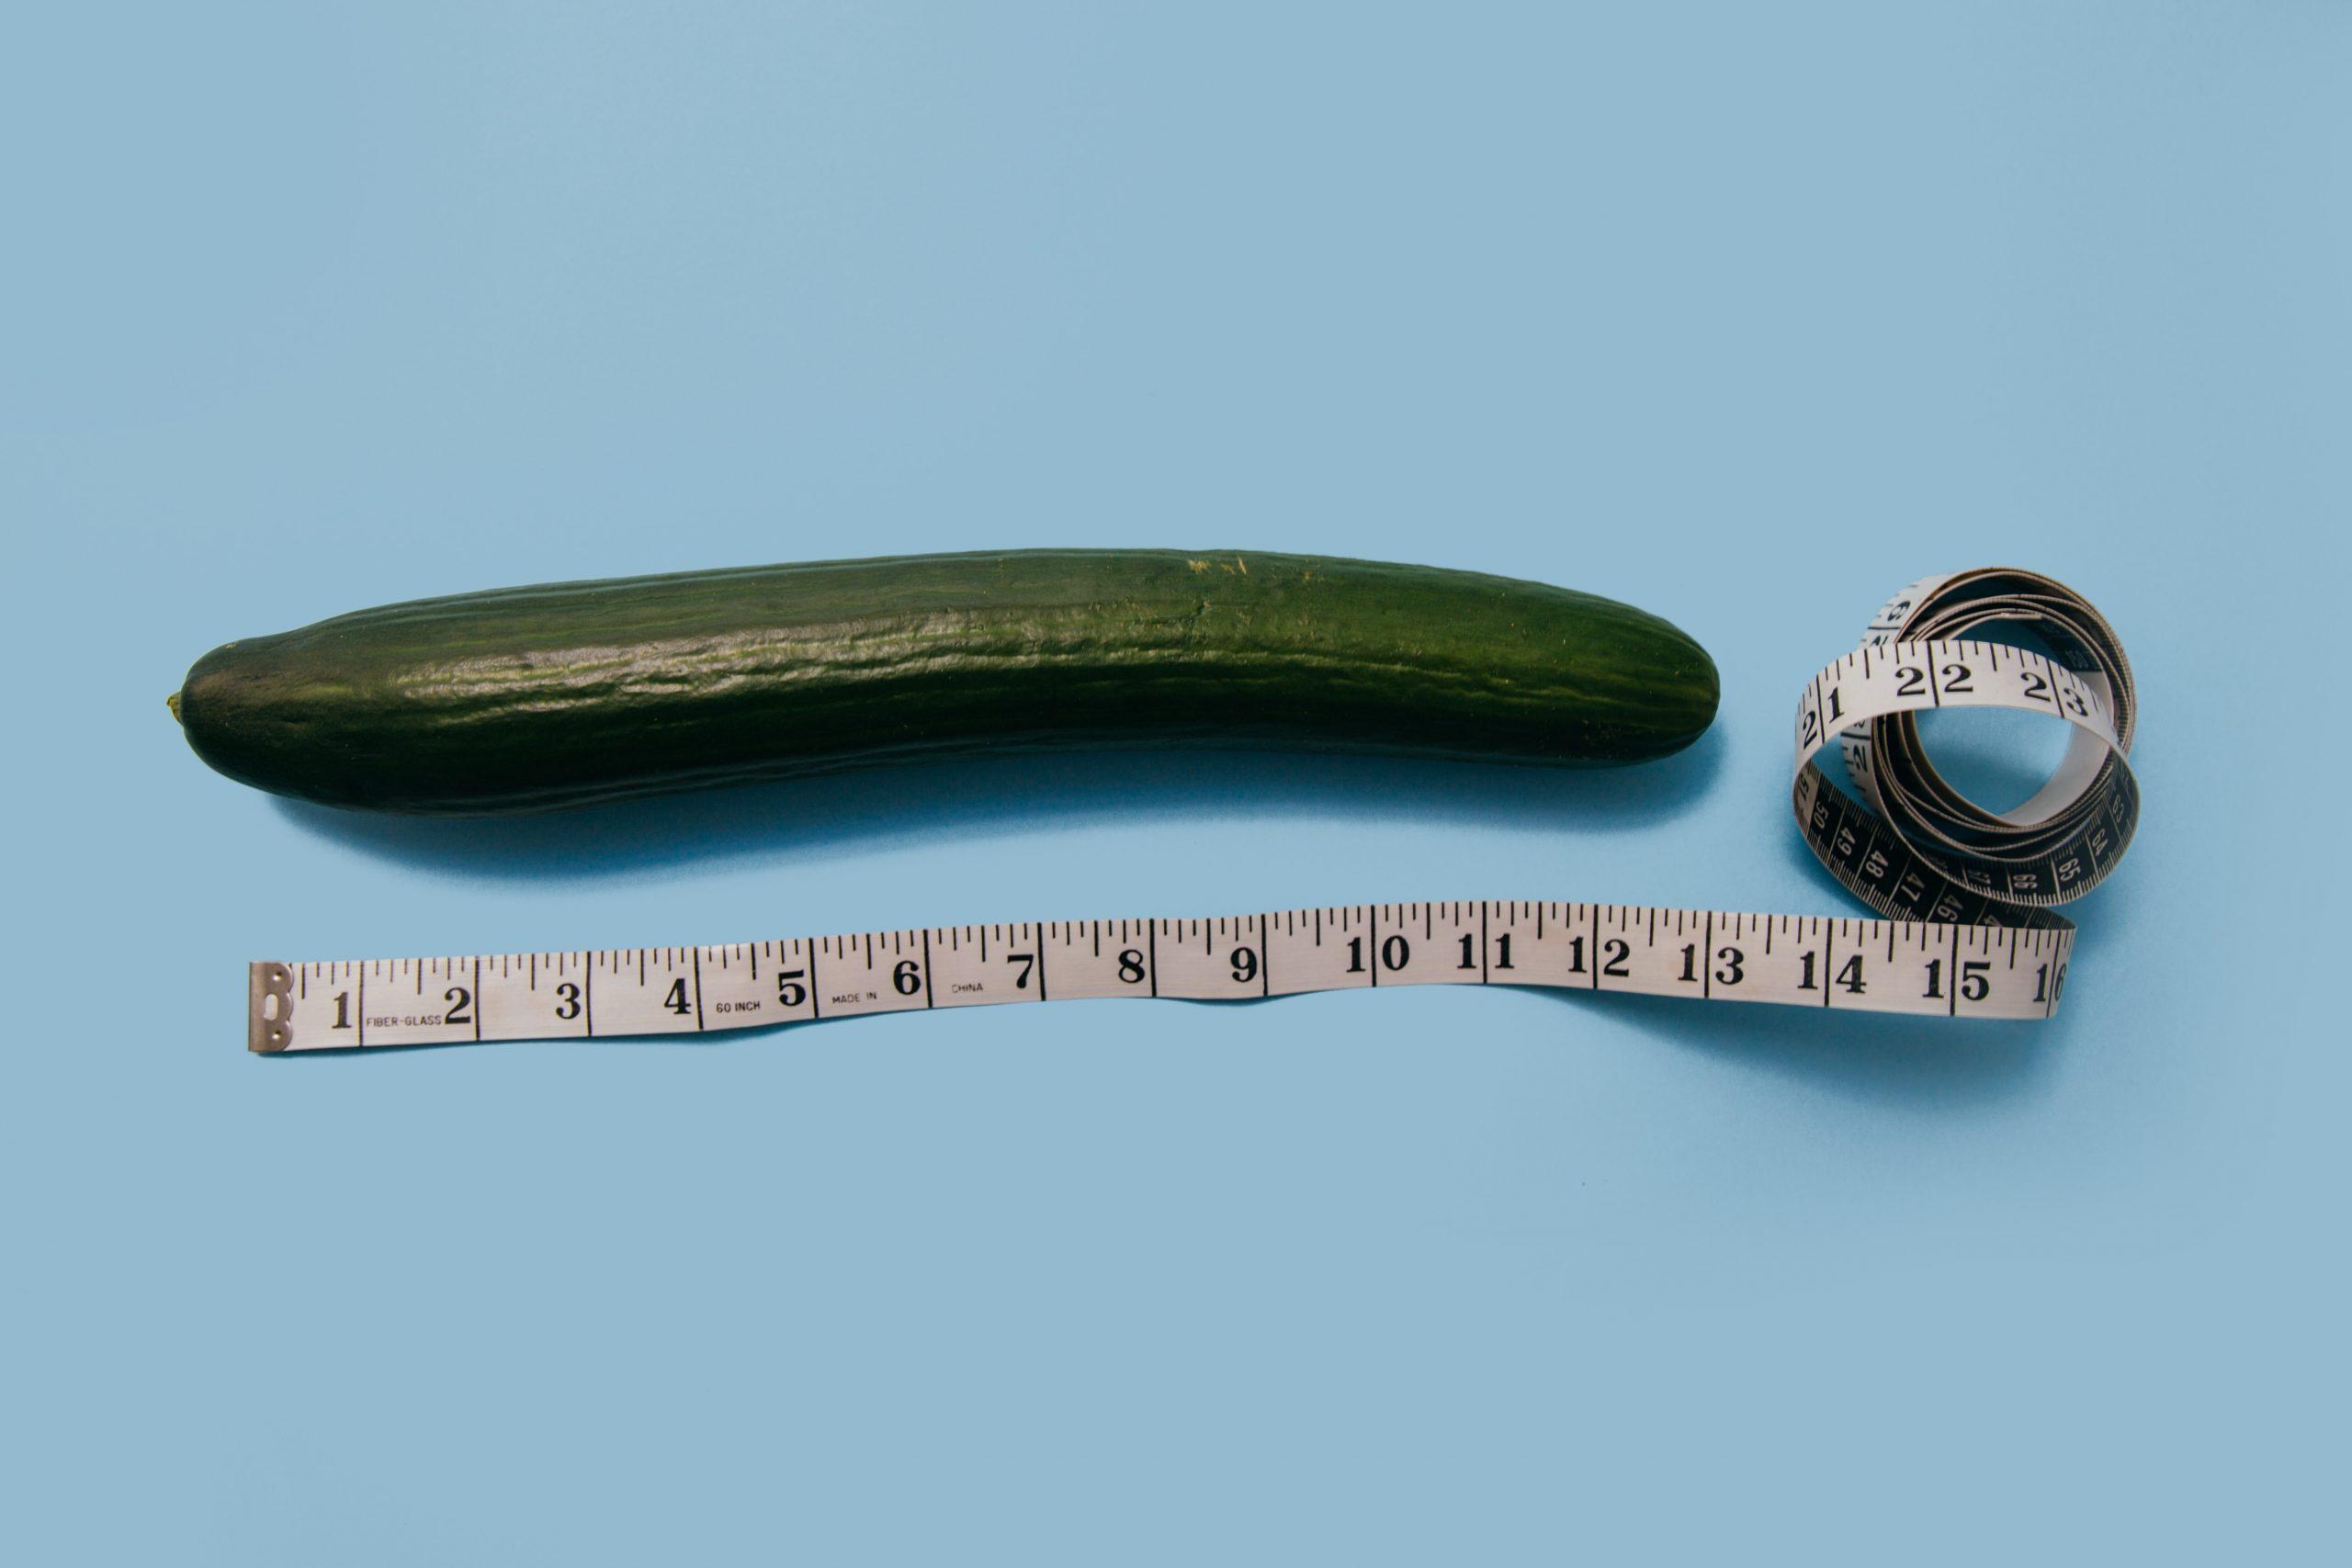 Index - Tudomány - Tudományosan bebizonyosodott, hogy a méret a lényeg